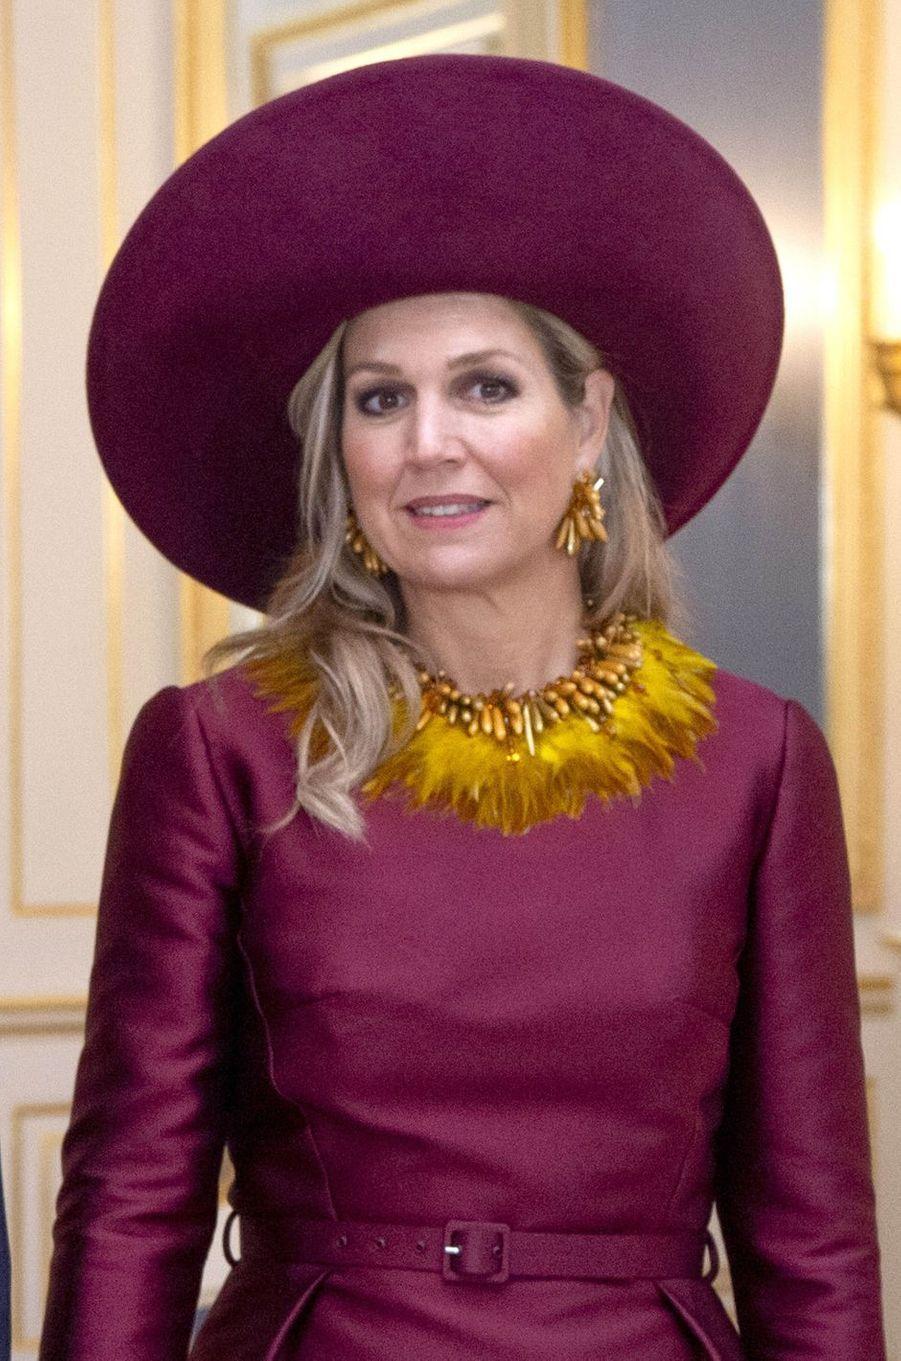 La reine Maxima des Pays-Bas avec un collier en plumes, le 14 novembre 2018